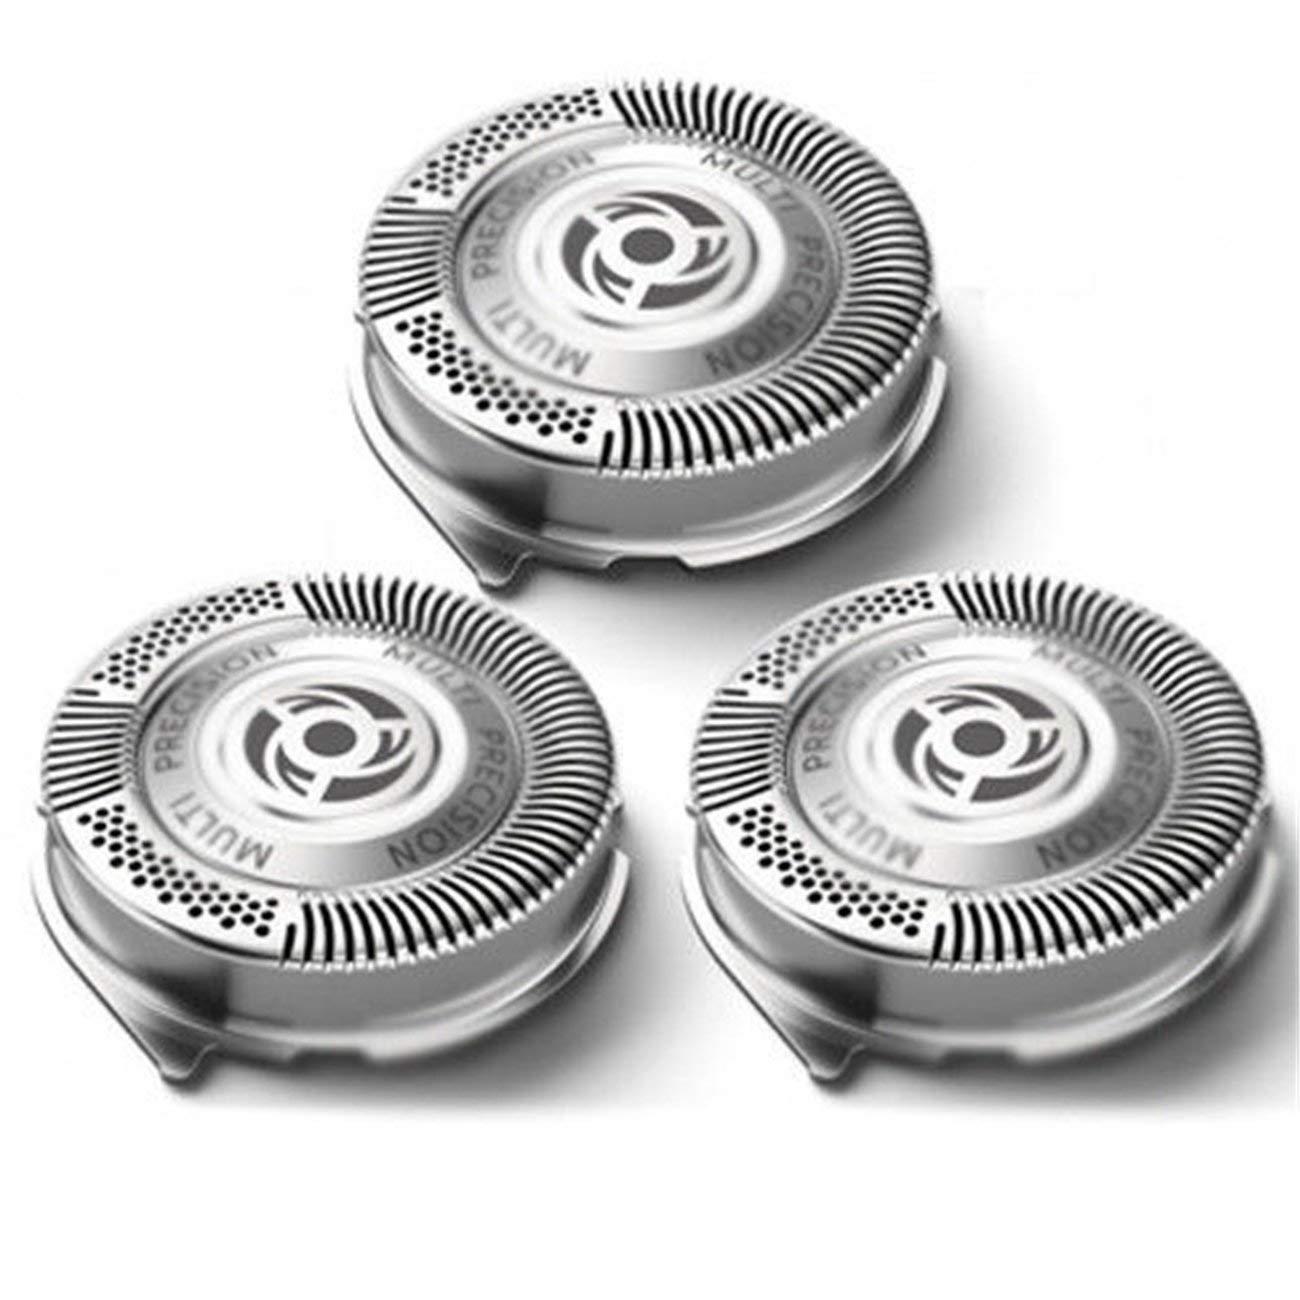 Cuchillas de afeitar de repuesto para cabezales de afeitado de 3 piezas para la serie 5000 de Philips Jiobapiongxin